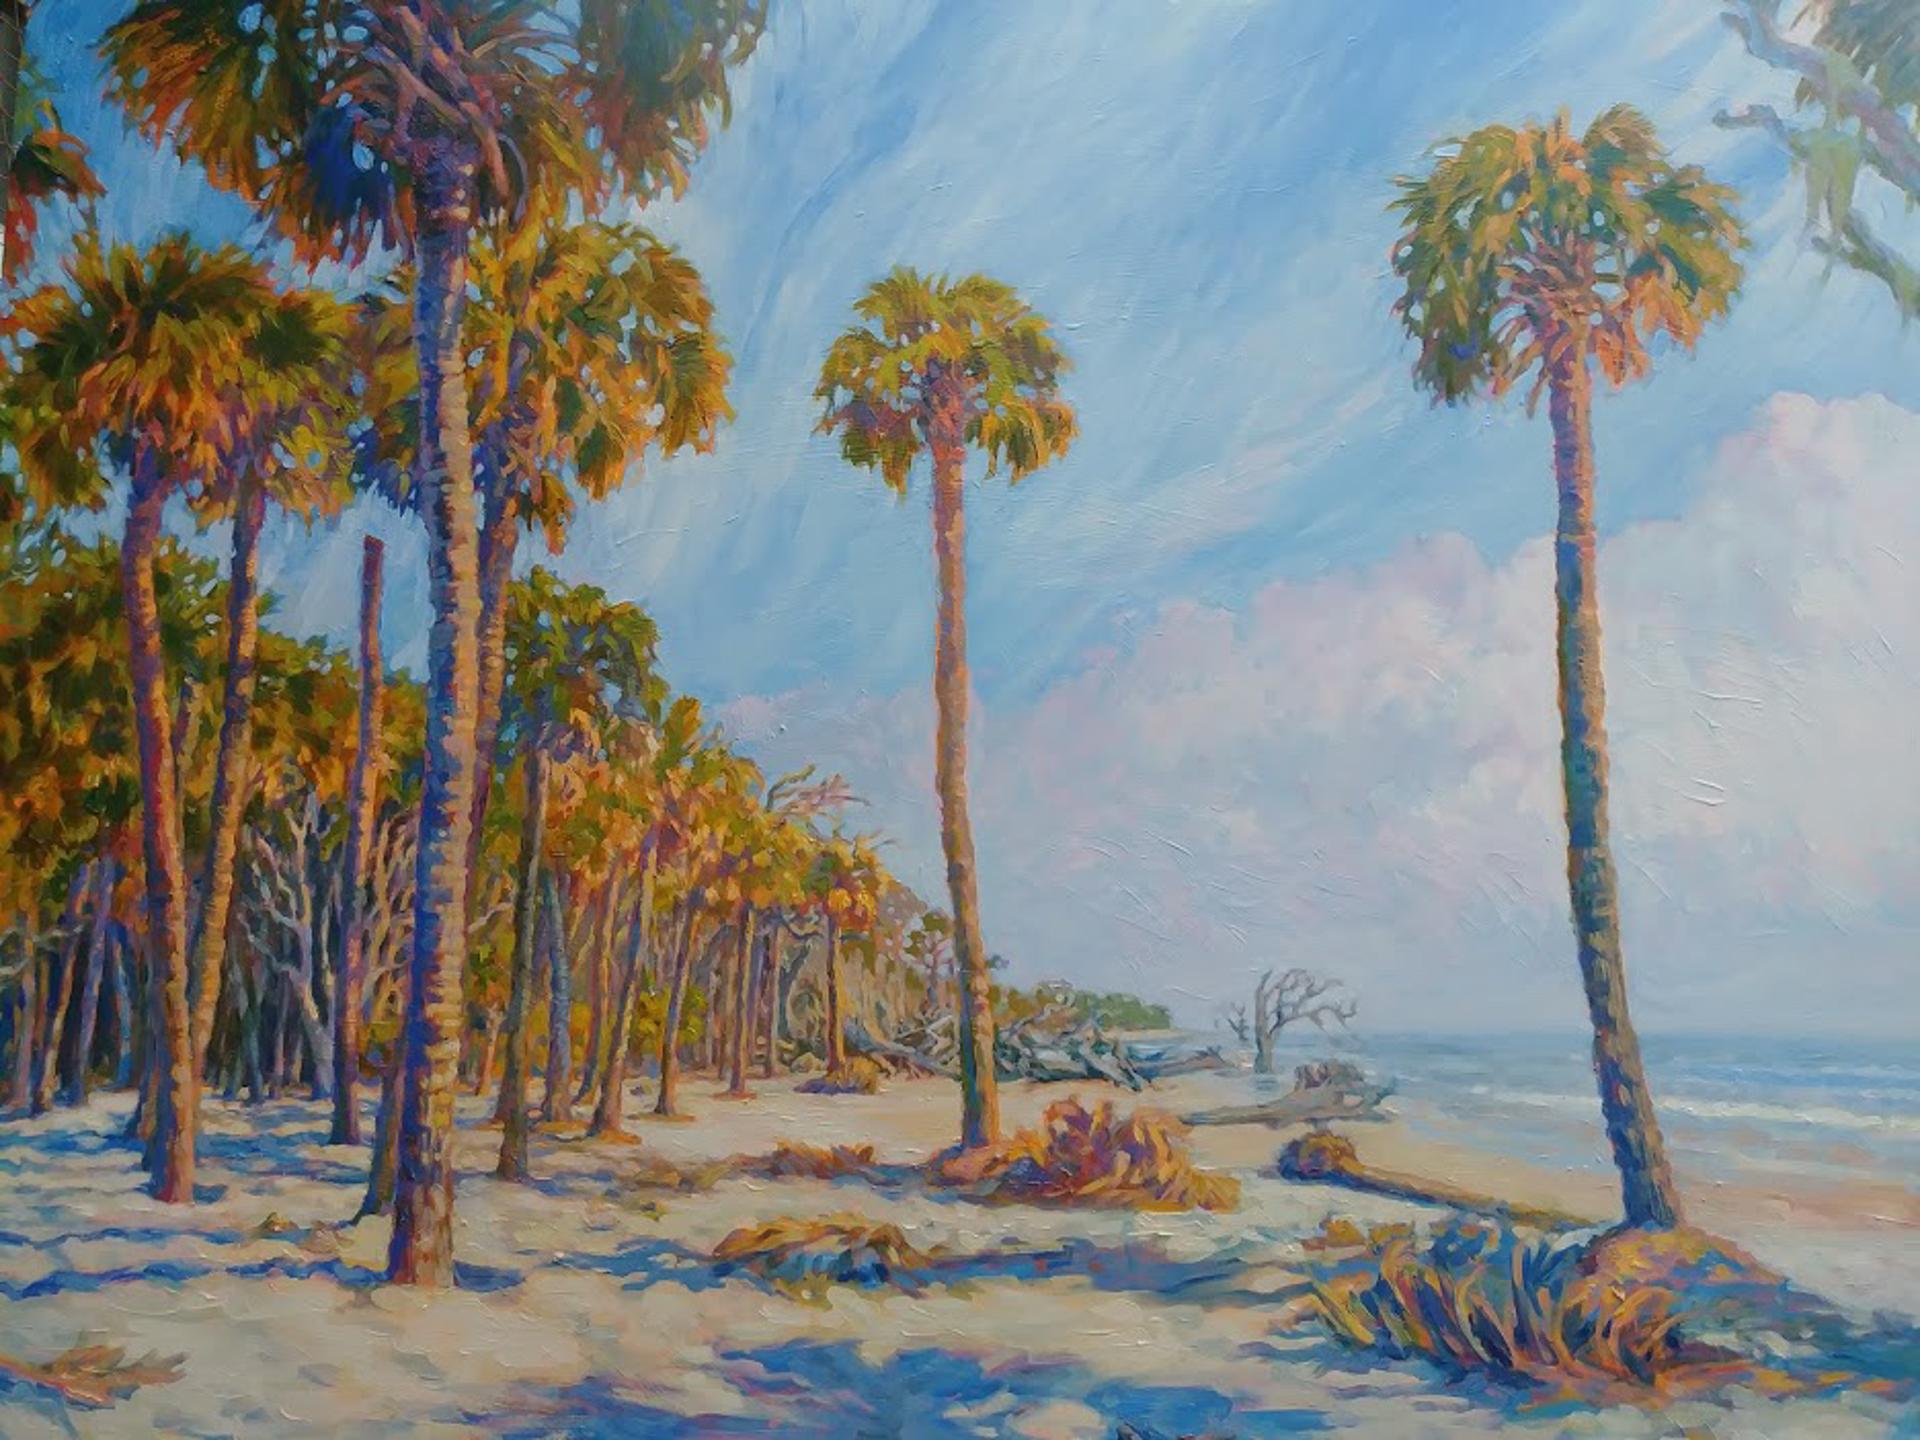 Plethora of Palms by Olessia Maximenko